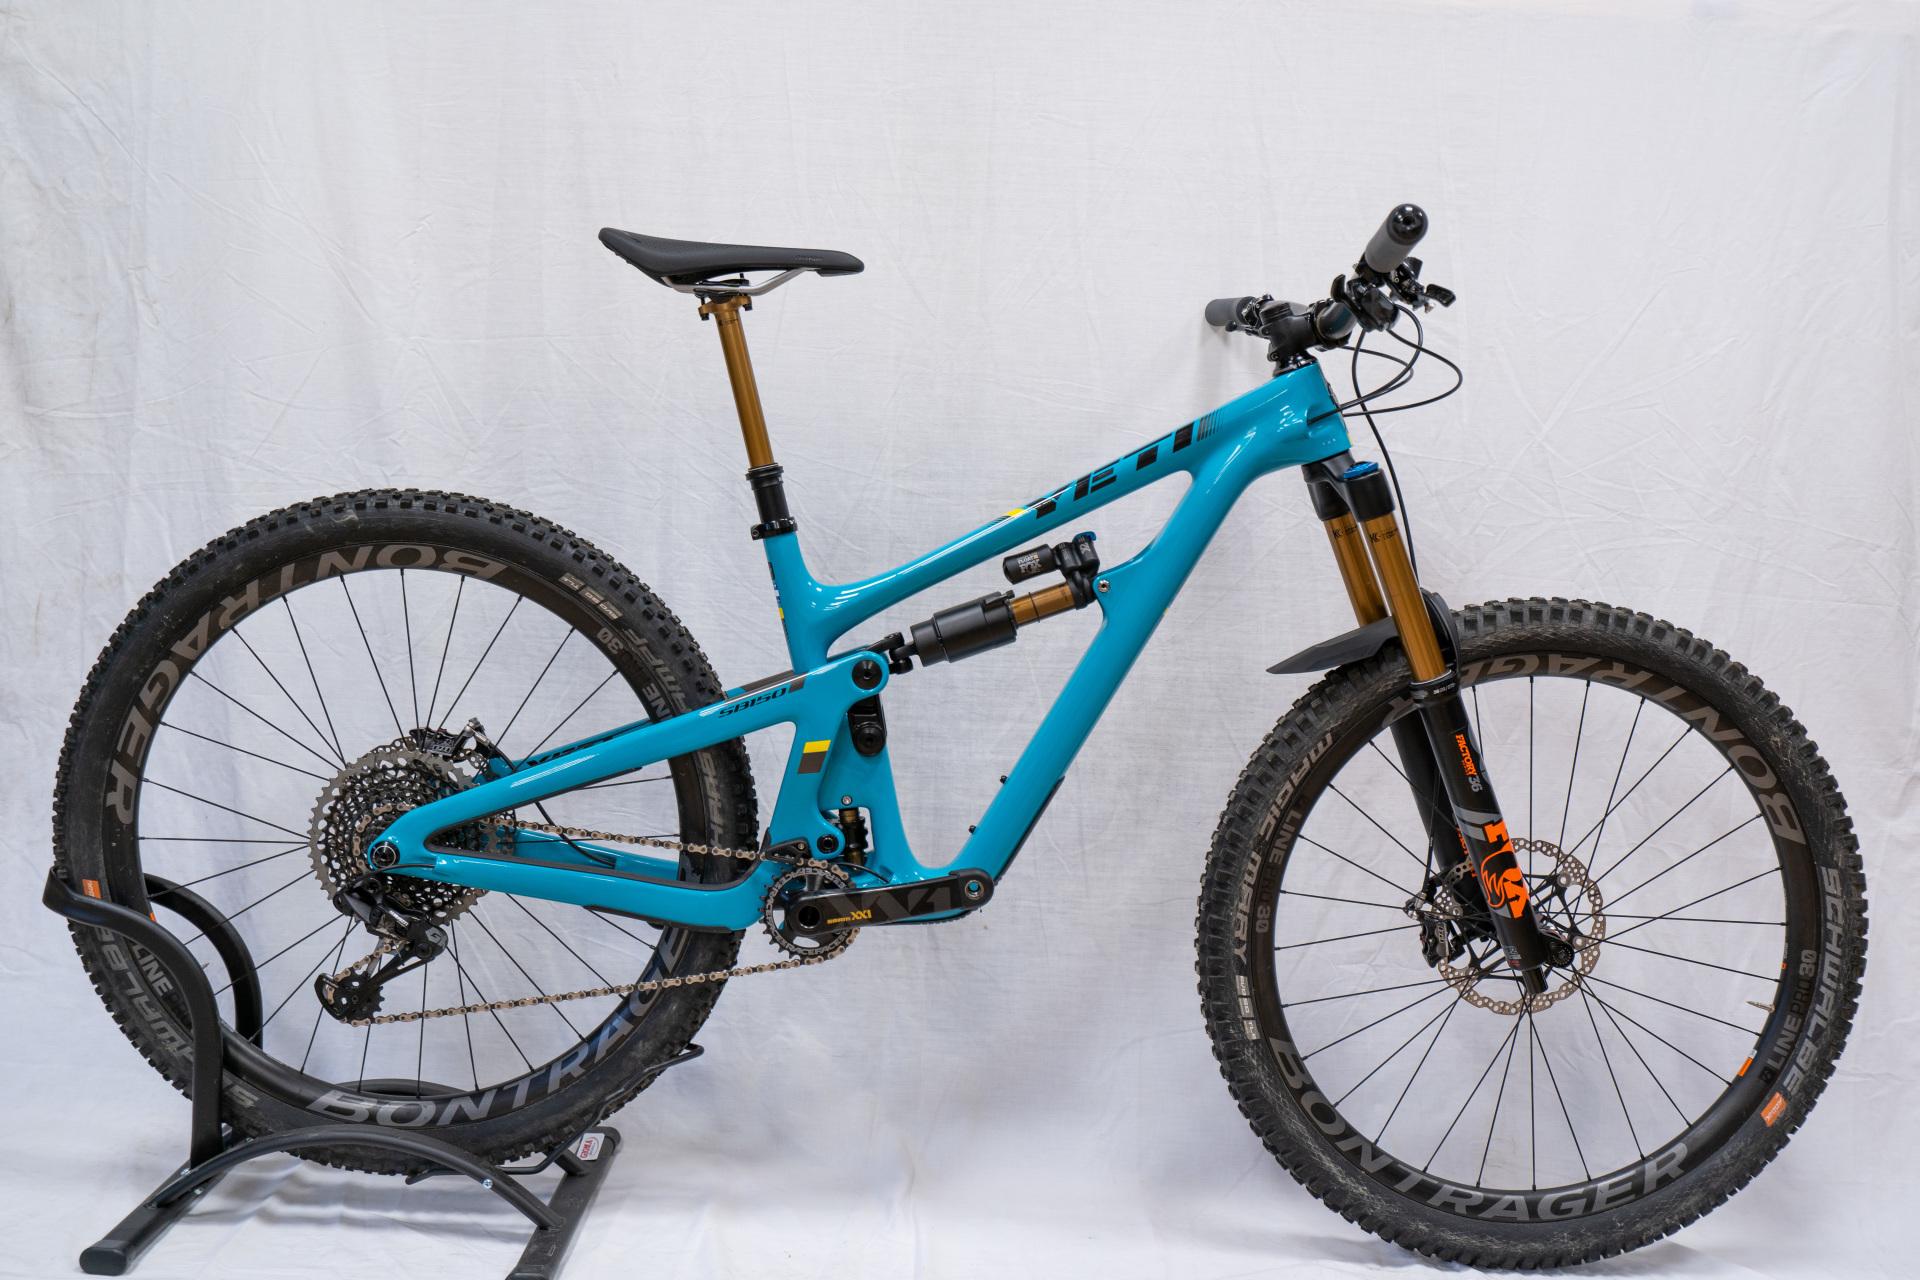 Yeti SB 150 -T- carbon